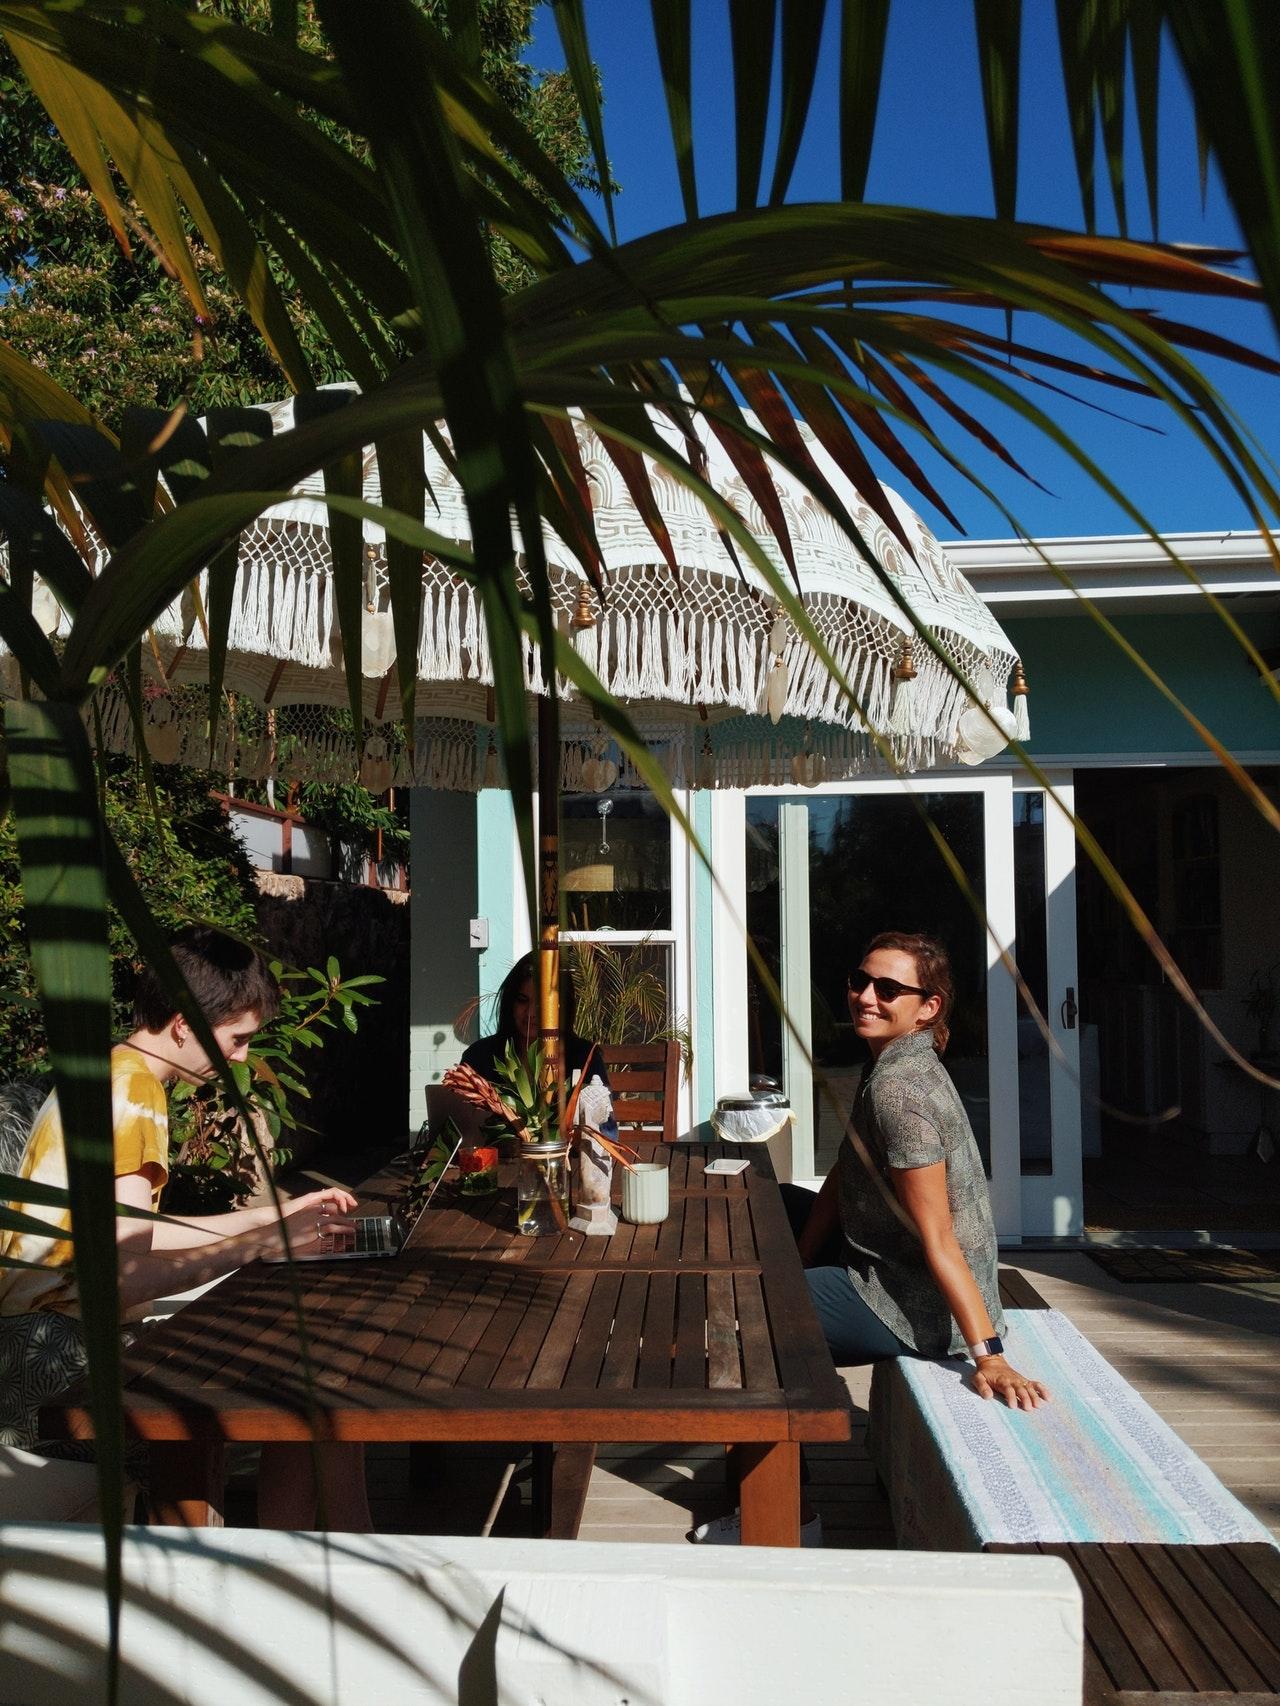 Portes_de_patio_:_4_étapes_pour_choisir_la_meilleure_porte_de_patio